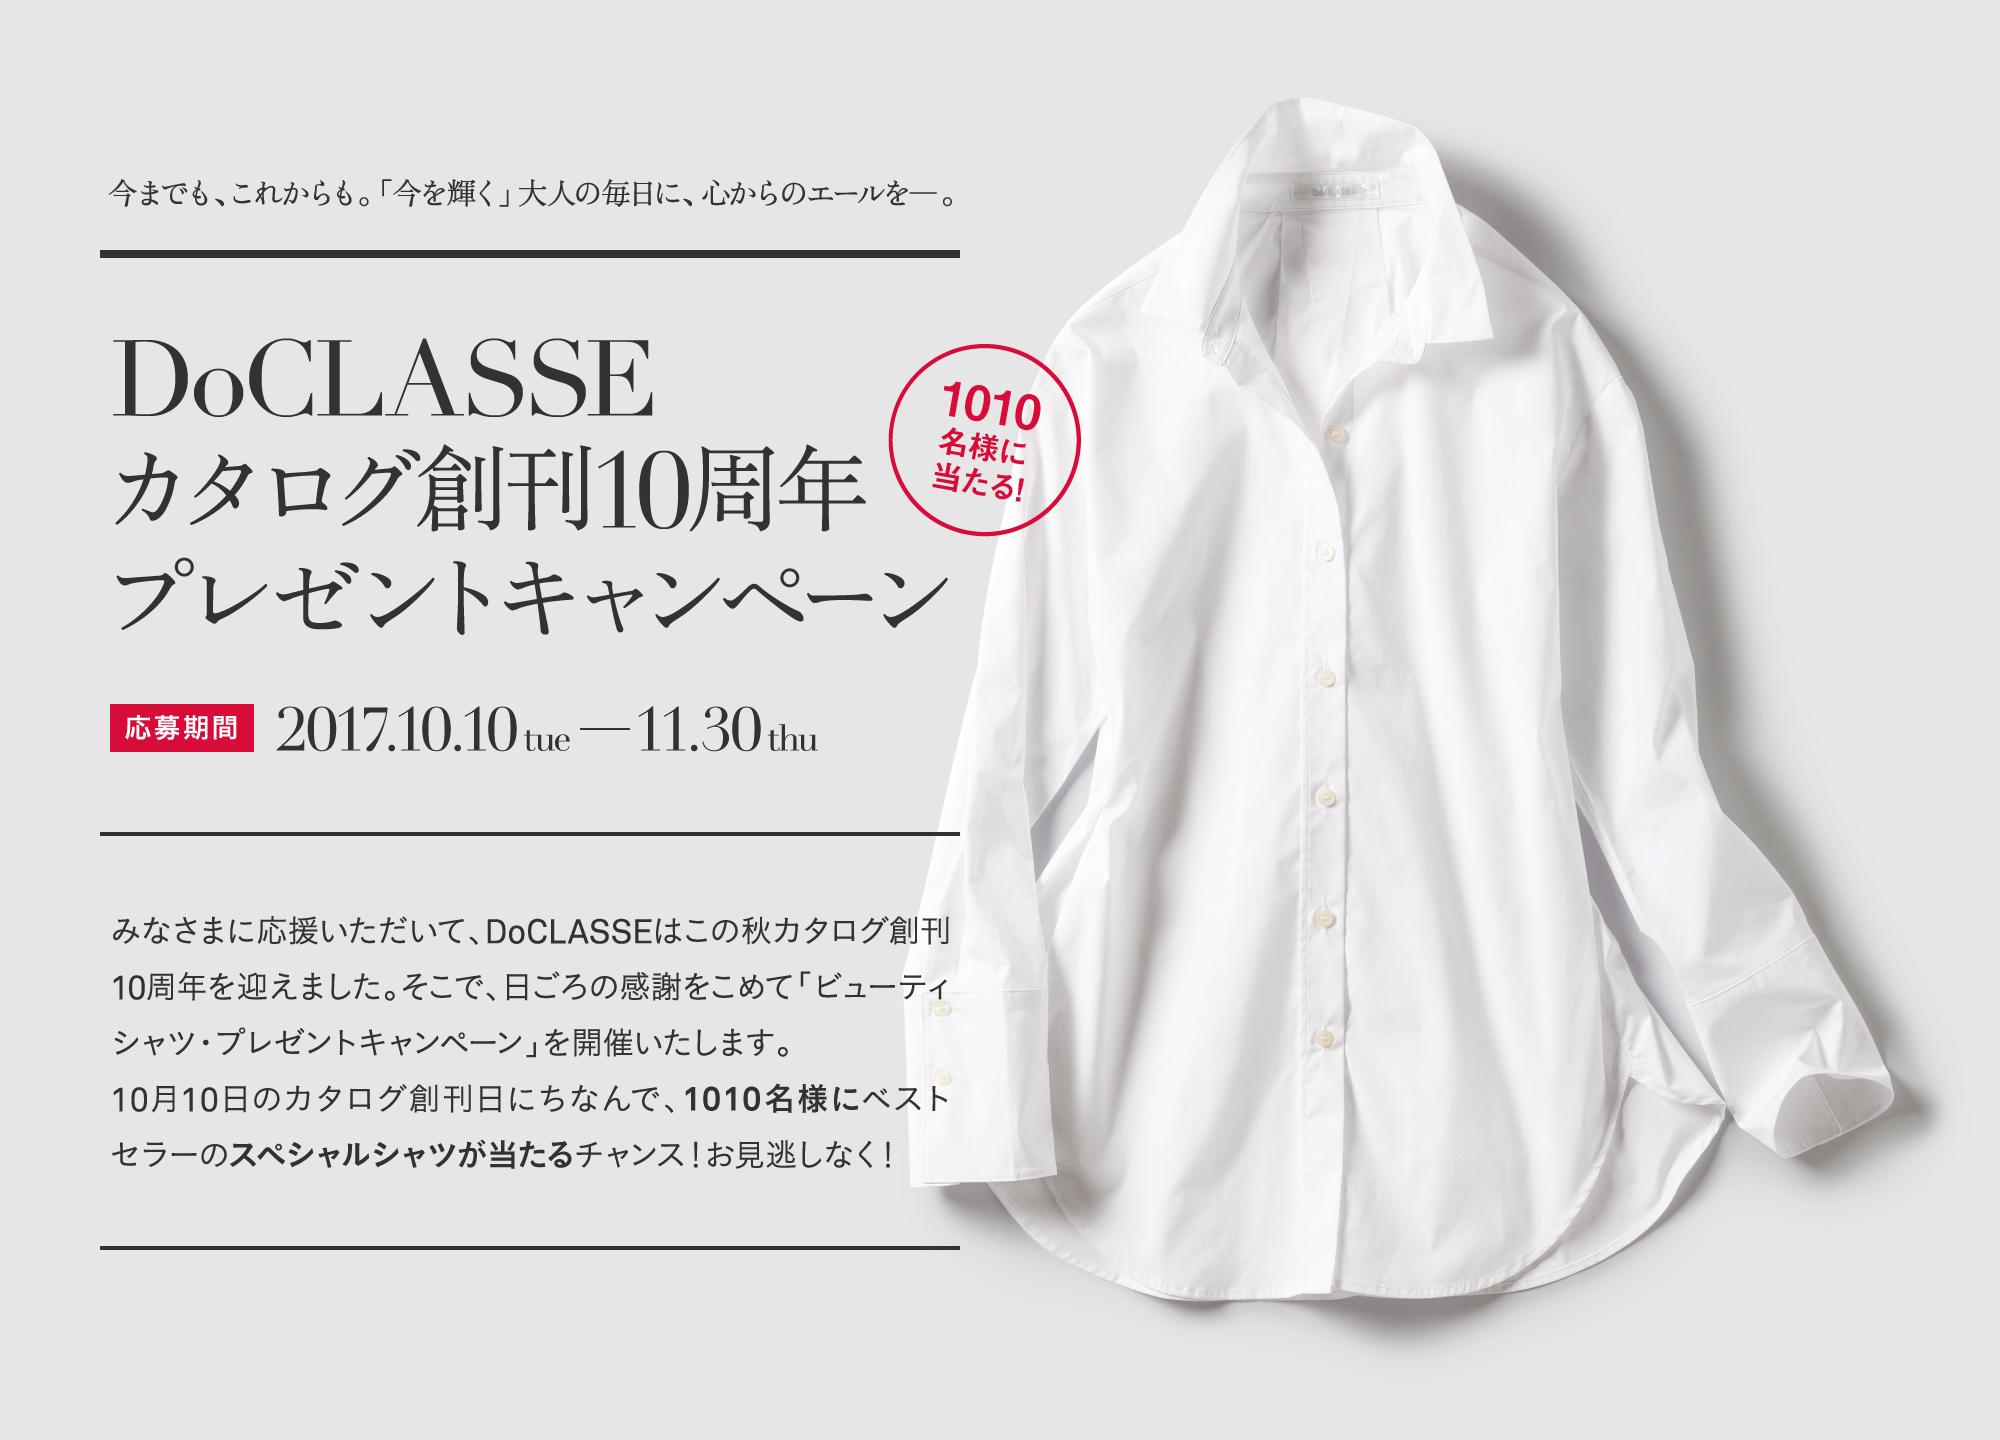 DoCLASSEのビューティストレッチ・タックシャツ/ホワイトが抽選で1010名に当たる。外れても1000円分のクーポンが1010名に当たる。~11/31。